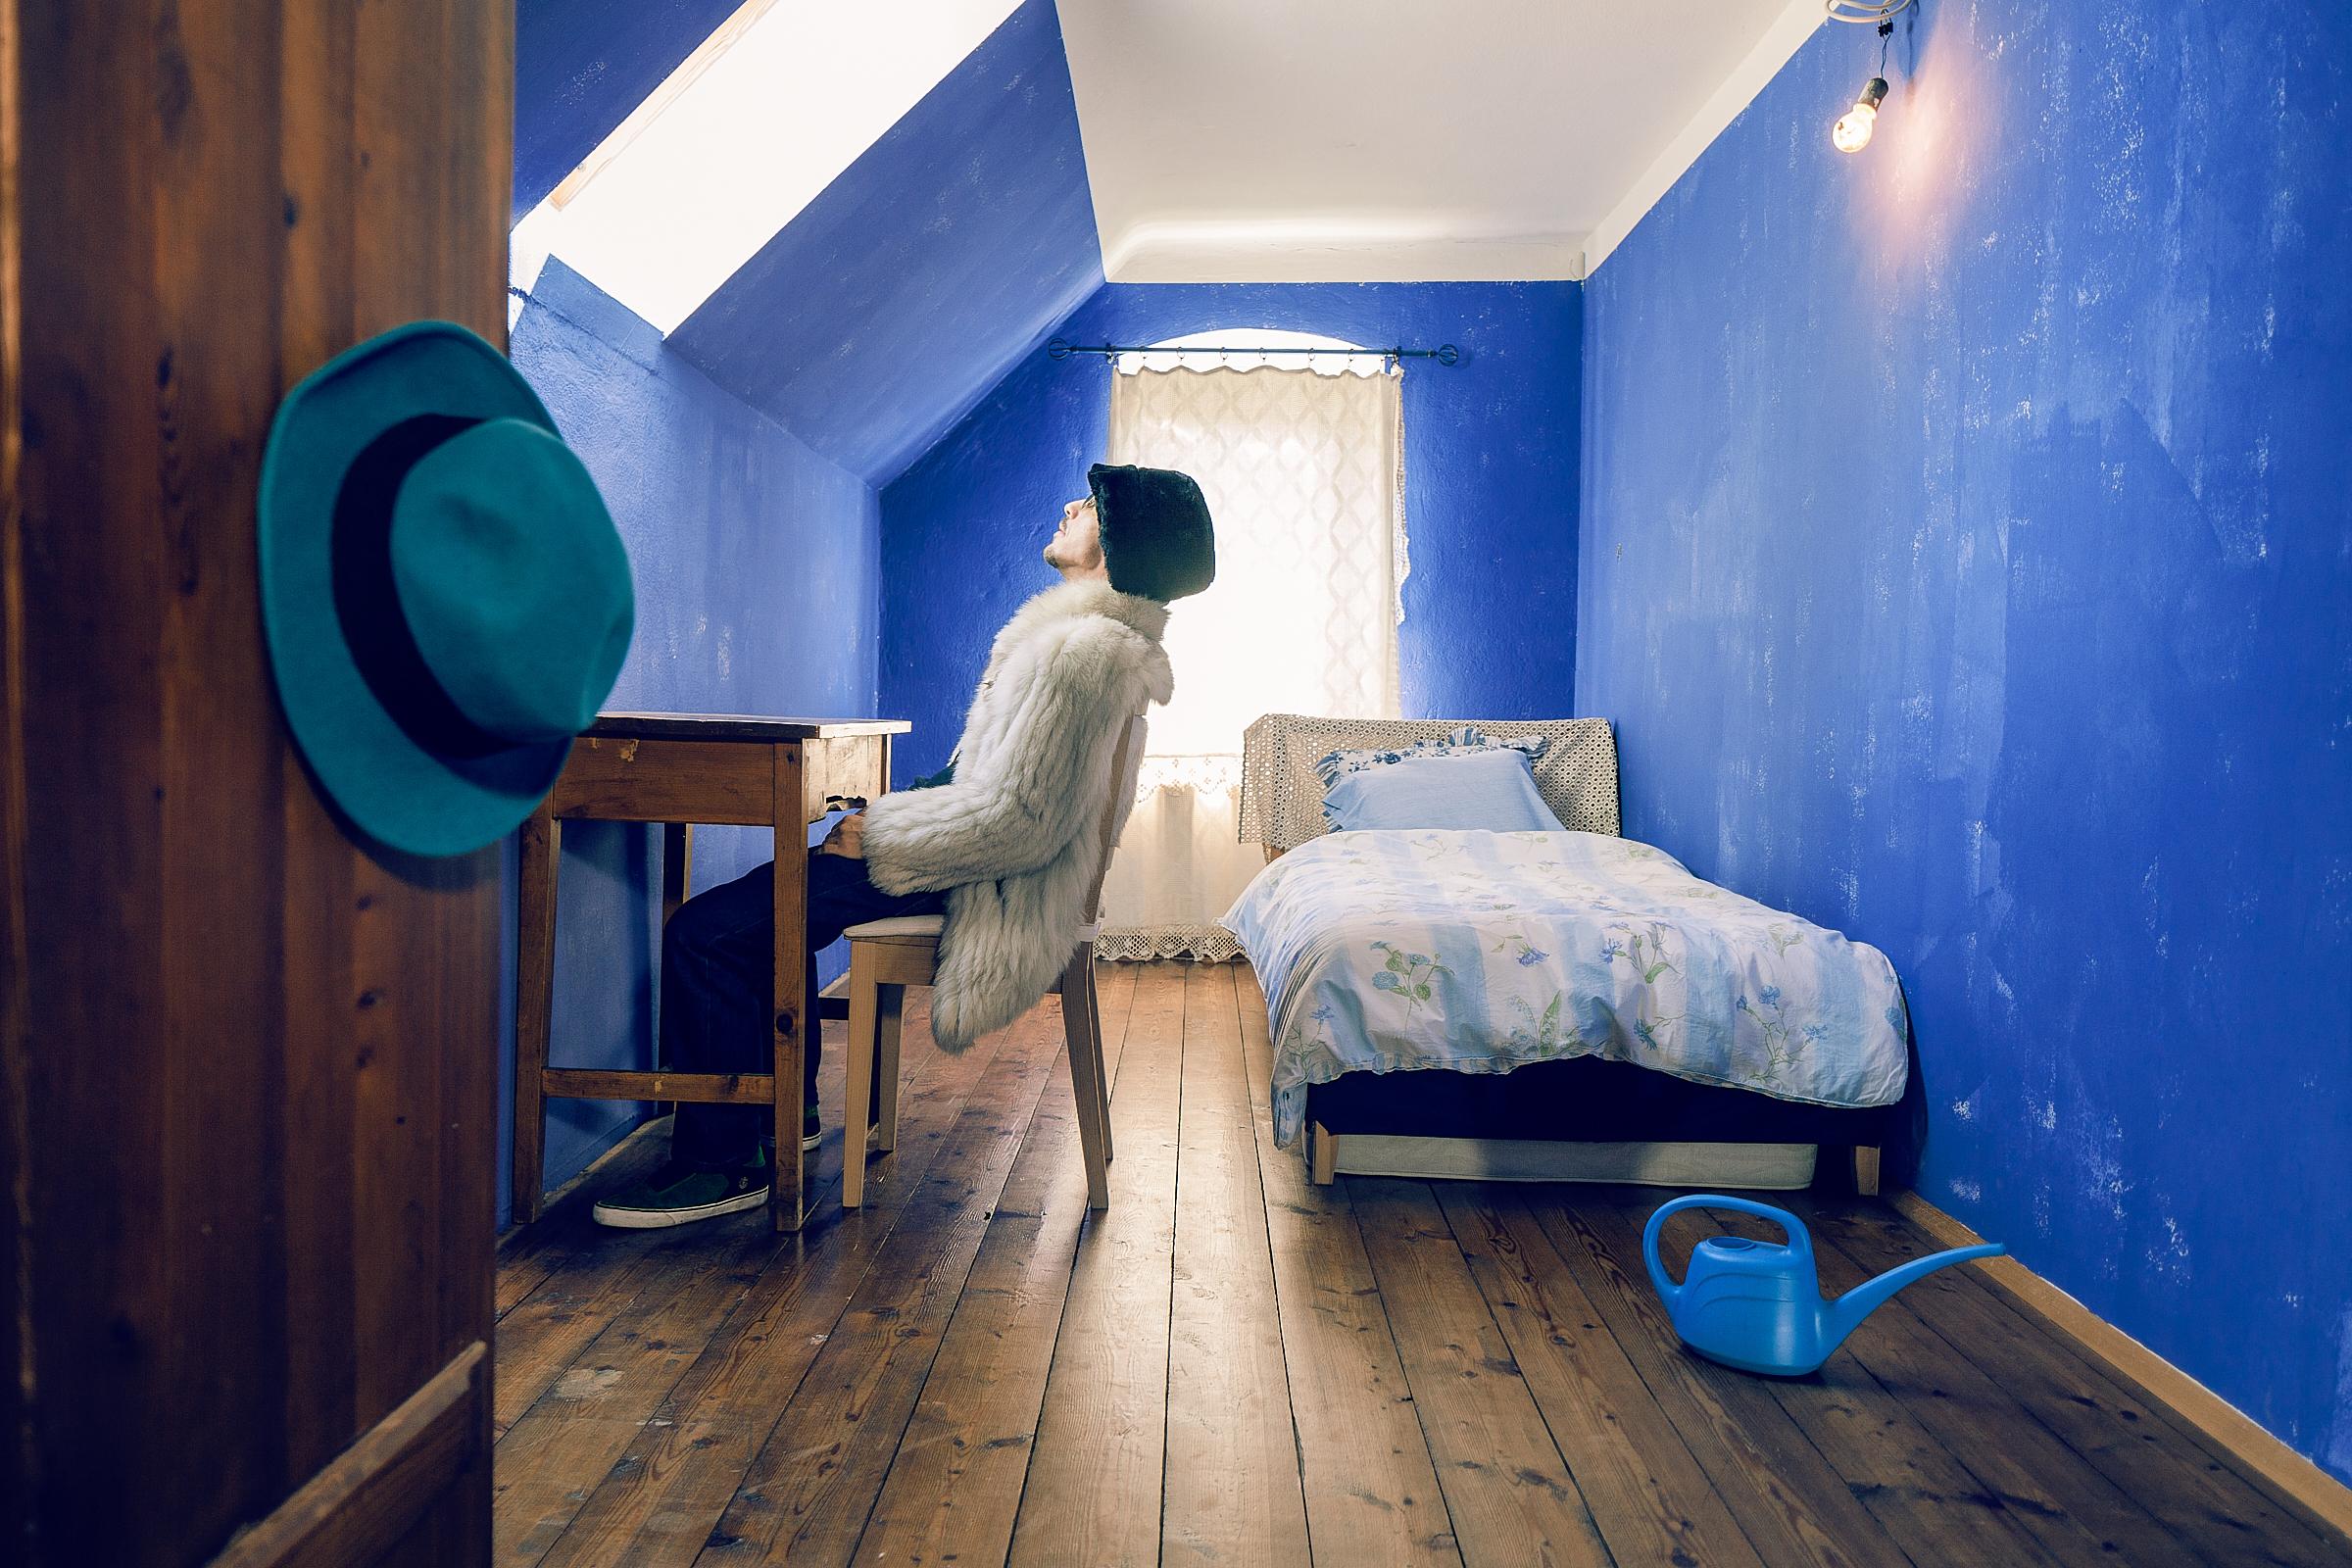 s´fotostudio by Dominik Somweber_Musician Portrait Elektroschneider Blue Room